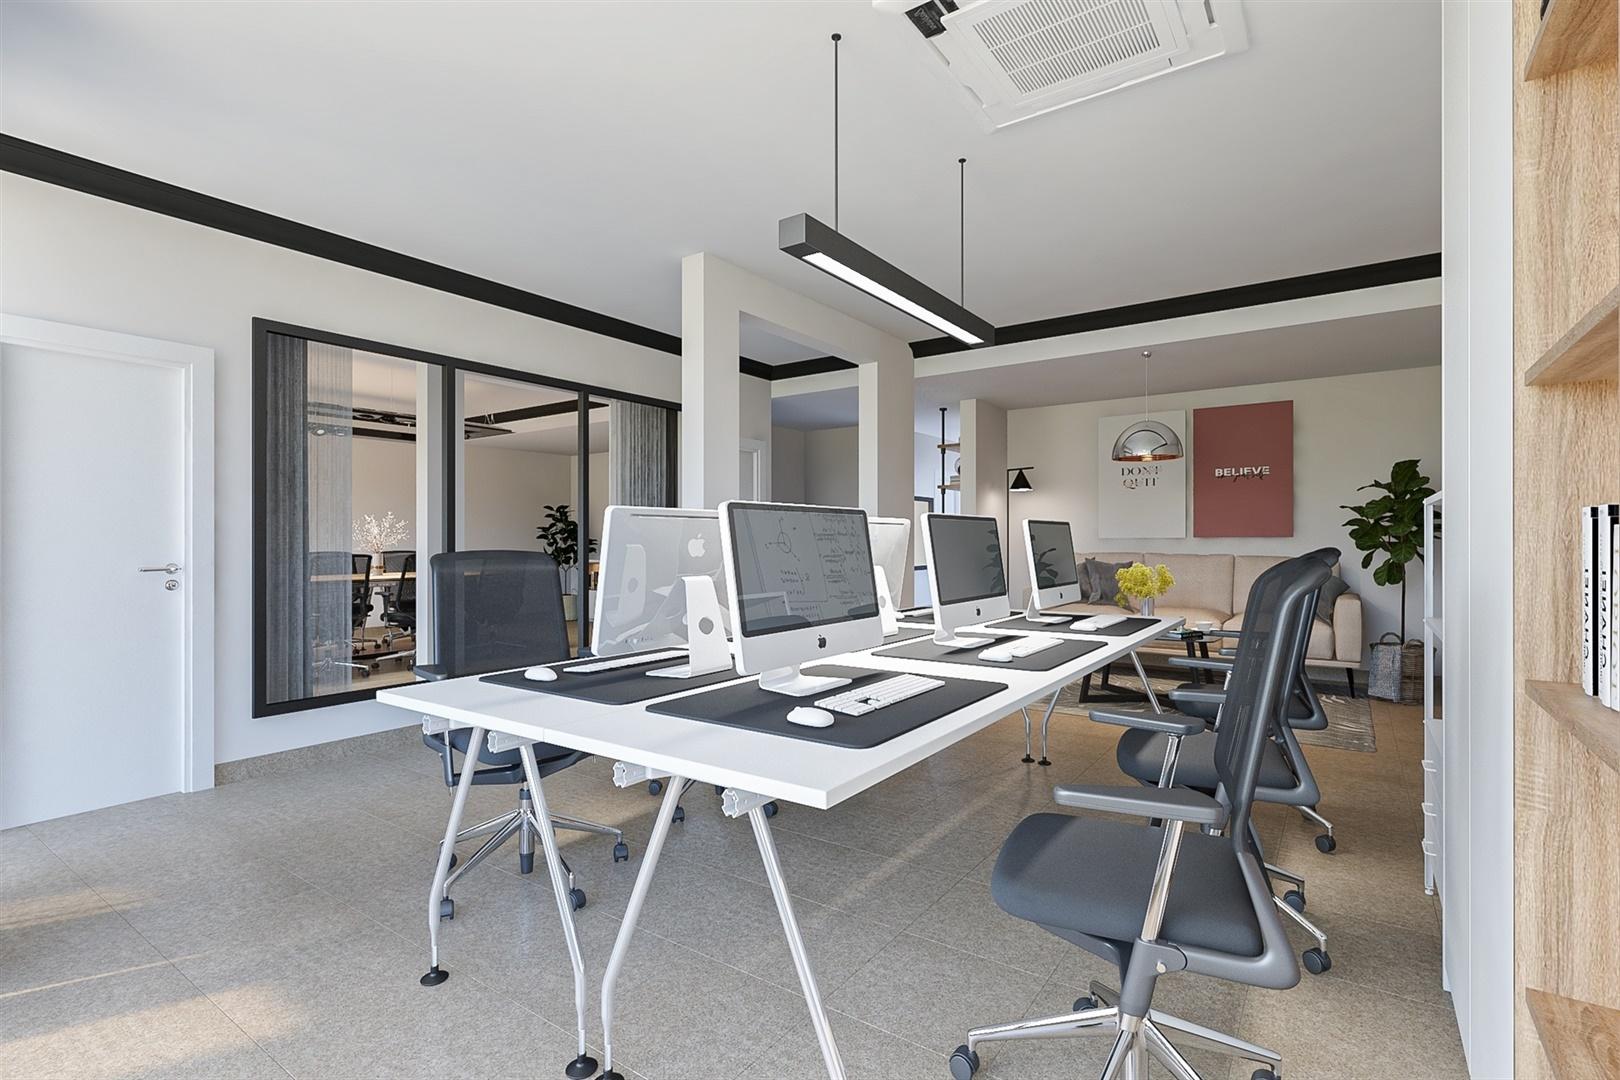 Handelszaak/kantoor met kelder en studio nabij centrum Gent